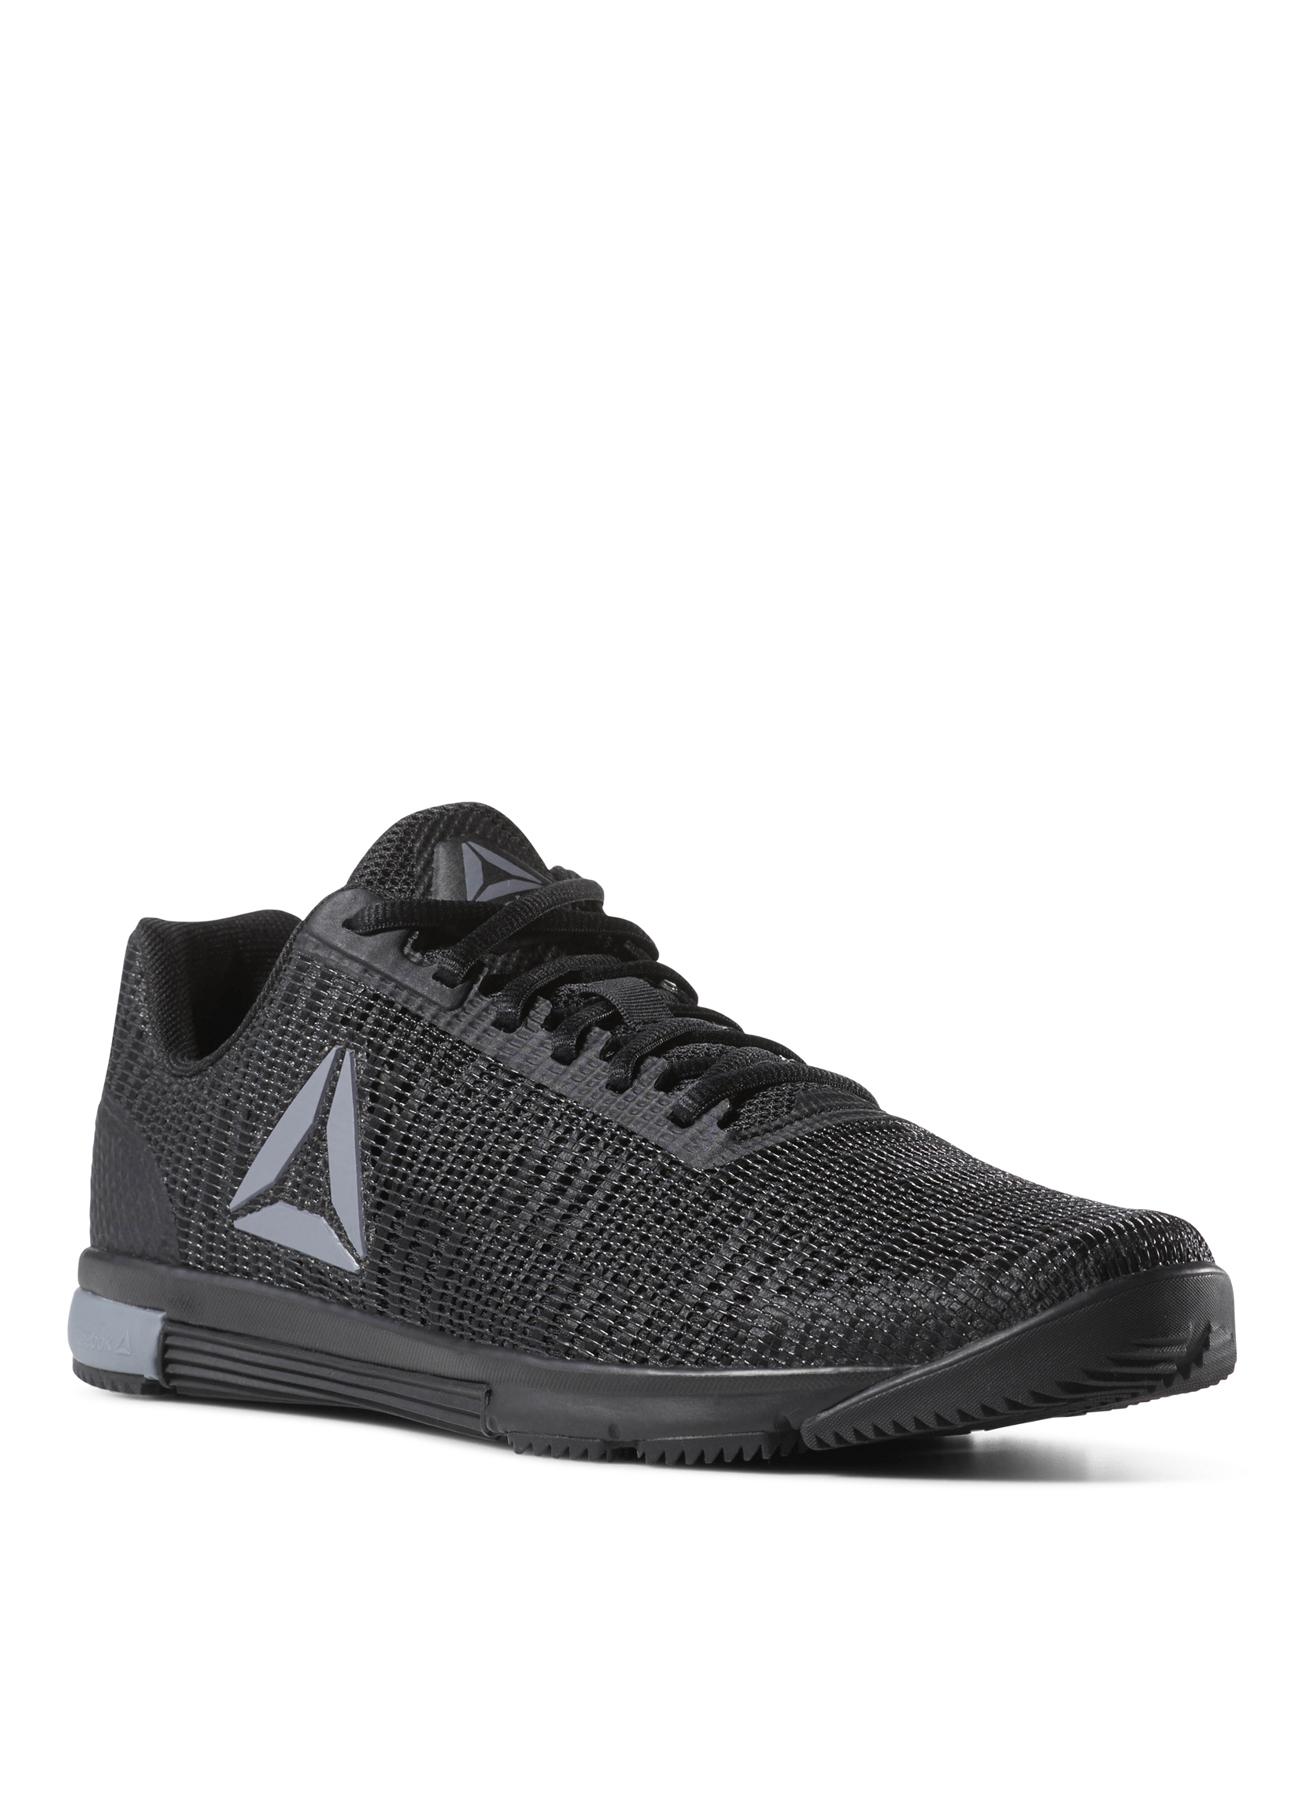 Reebok Training Ayakkabısı 40 5002359799001 Ürün Resmi